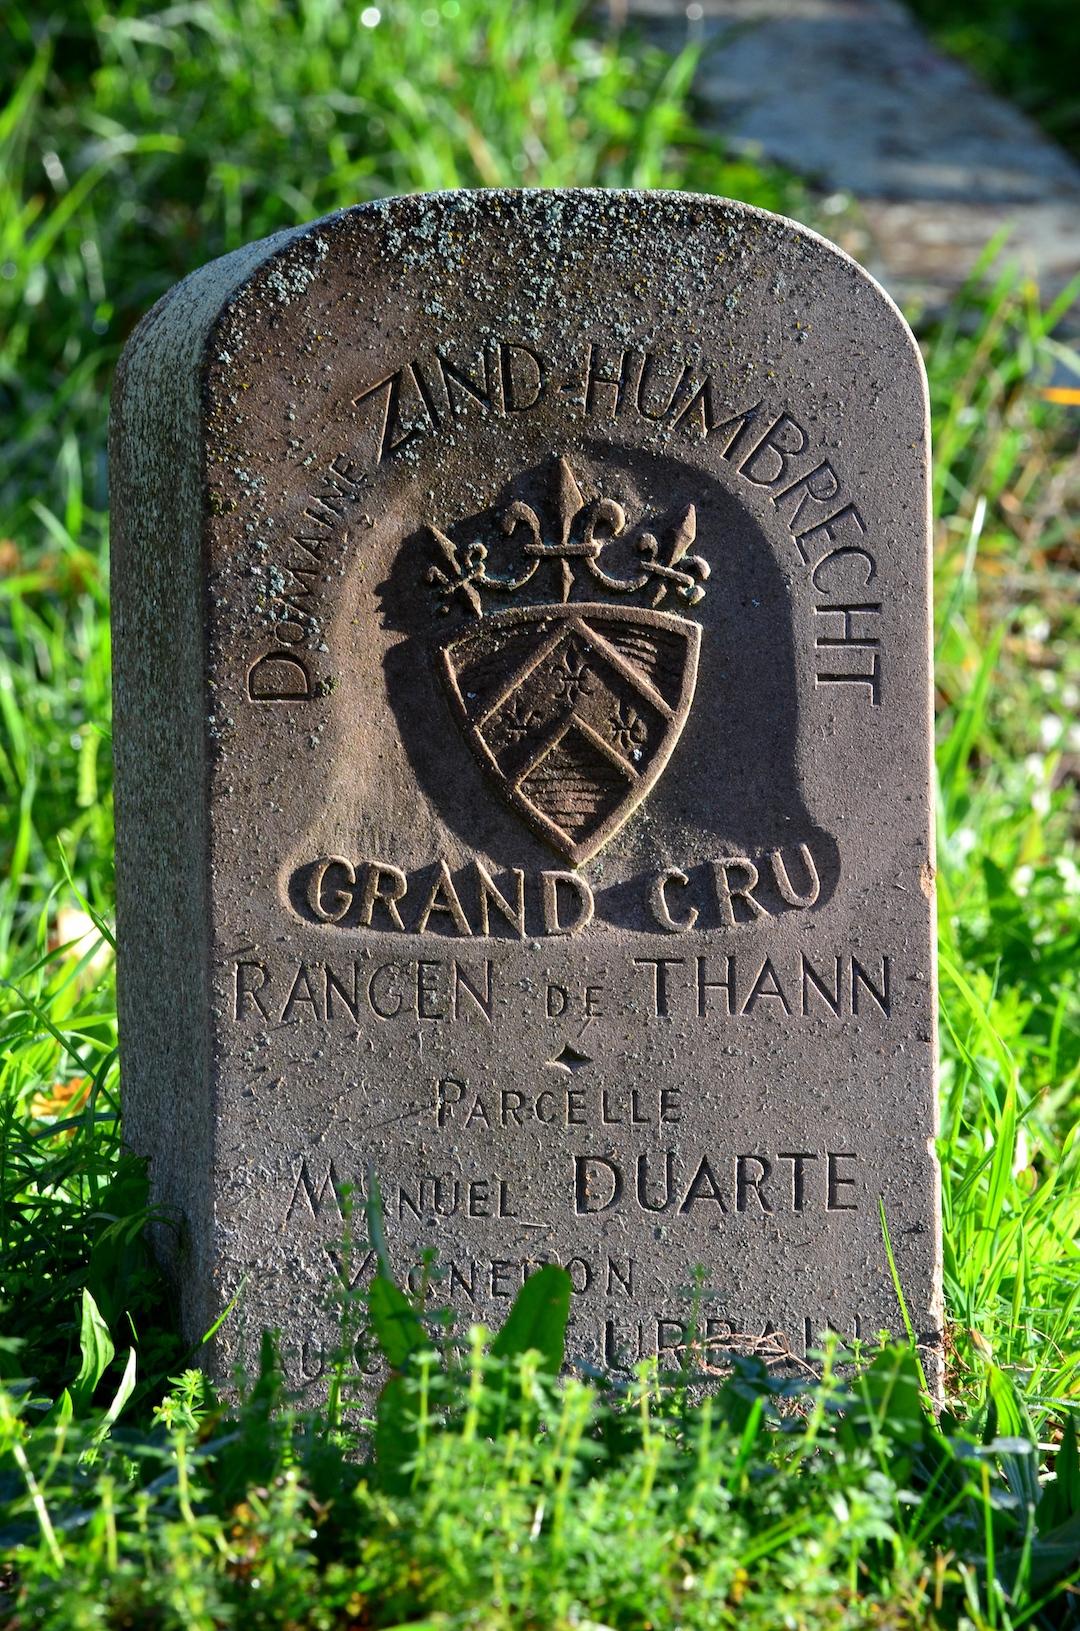 Grand Cru Rangen